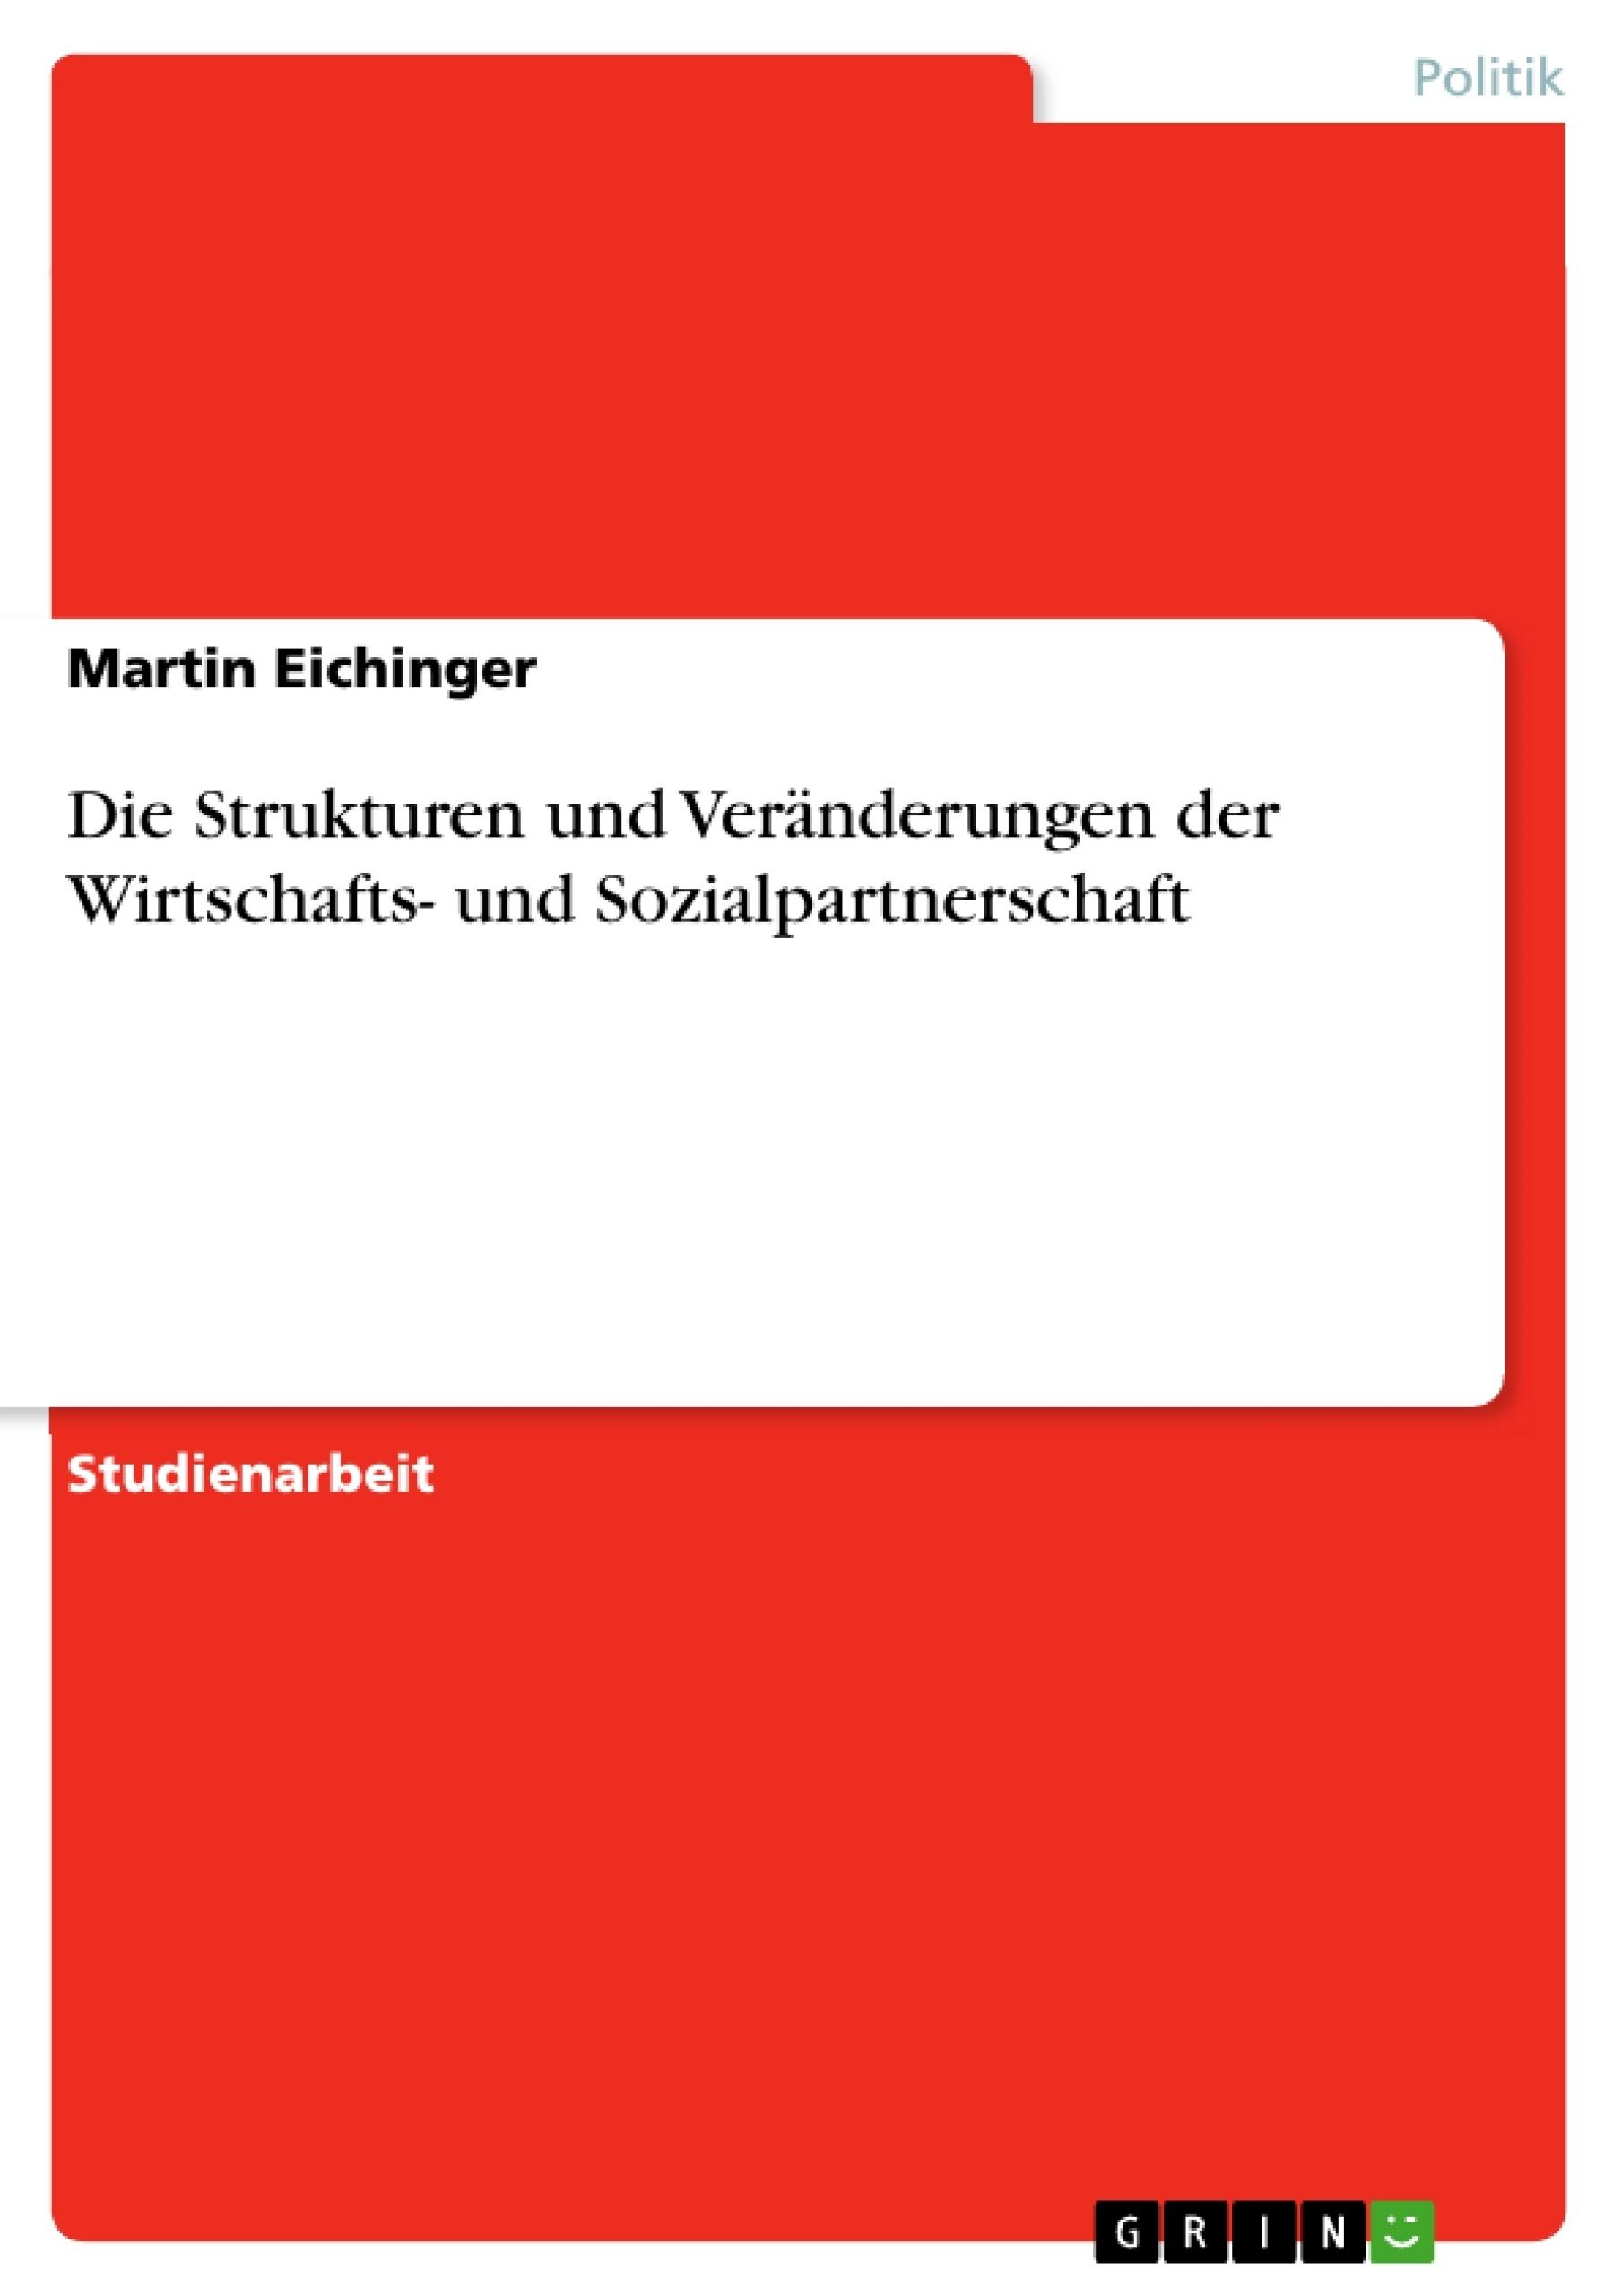 Titel: Die Strukturen und Veränderungen der Wirtschafts- und Sozialpartnerschaft